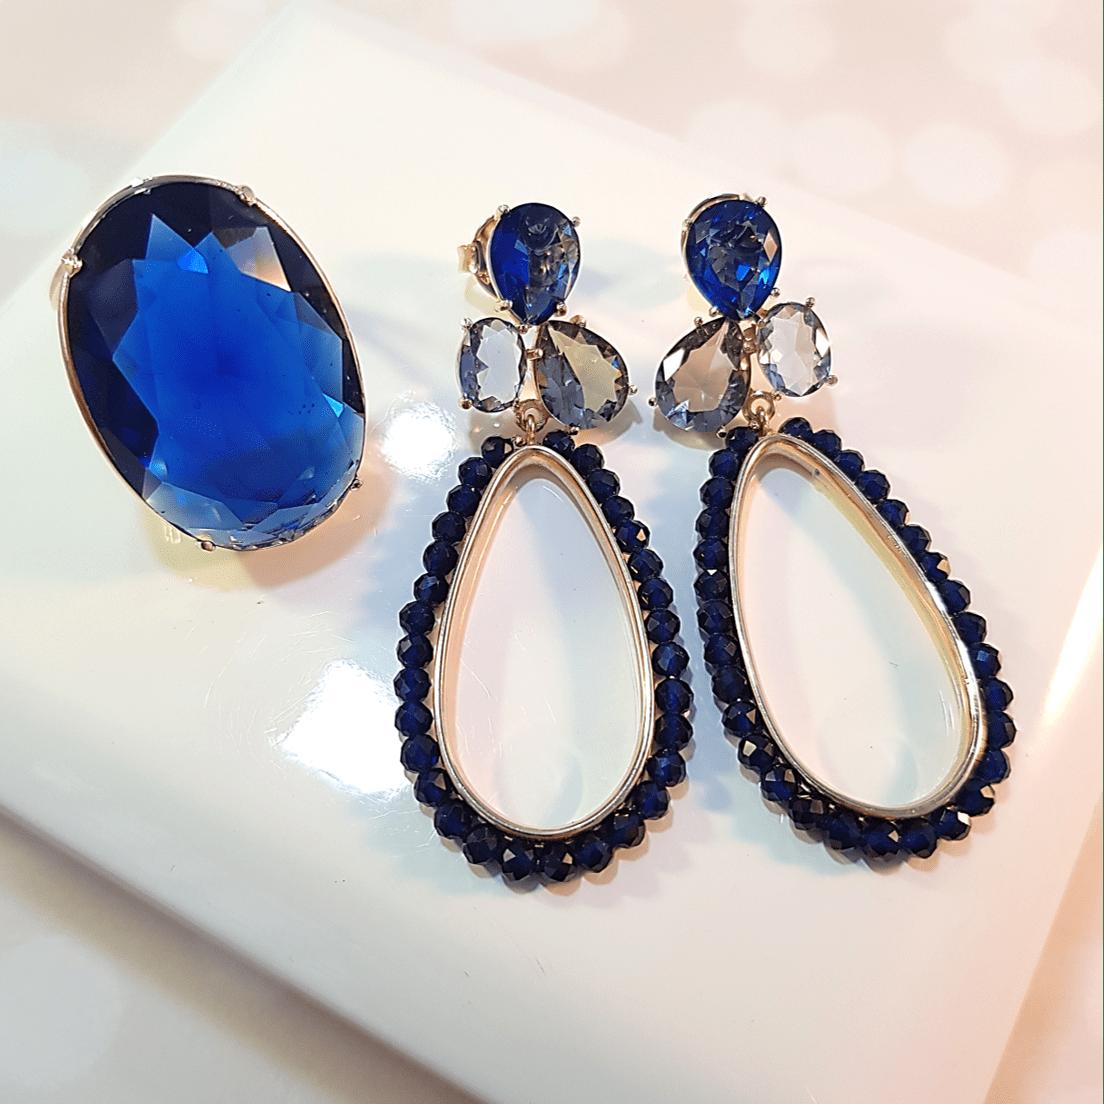 Brinco Dela Flora de cristais - azul safira bordado